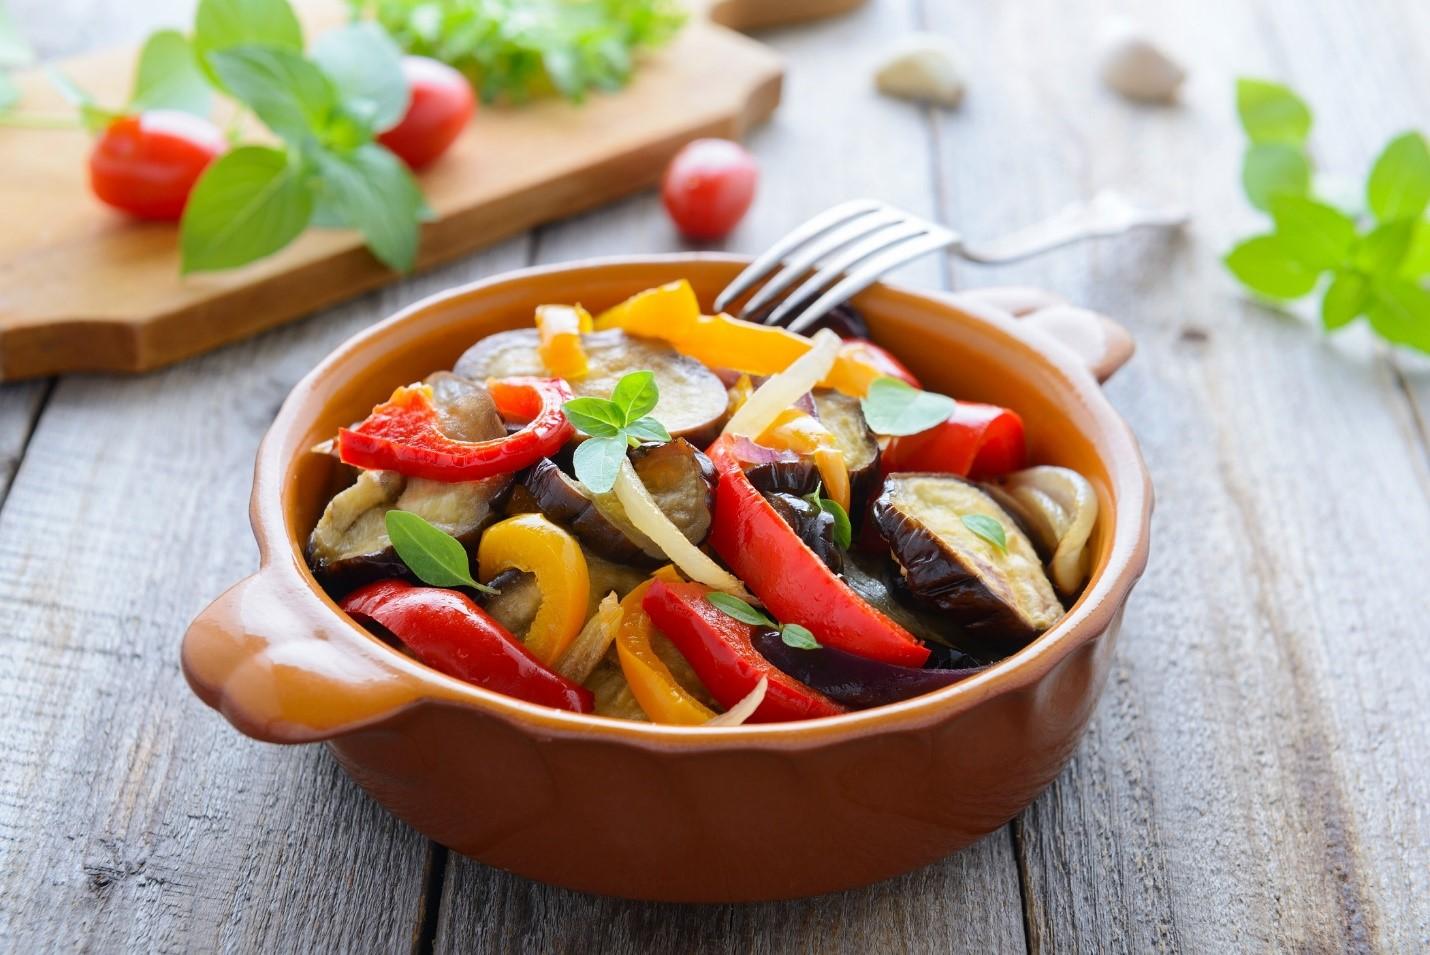 Bột ngọt mang đến vị ngon cho mọi món ăn nhờ khả năng tăng cường vị umami. XIN NGUỒN ẢNH